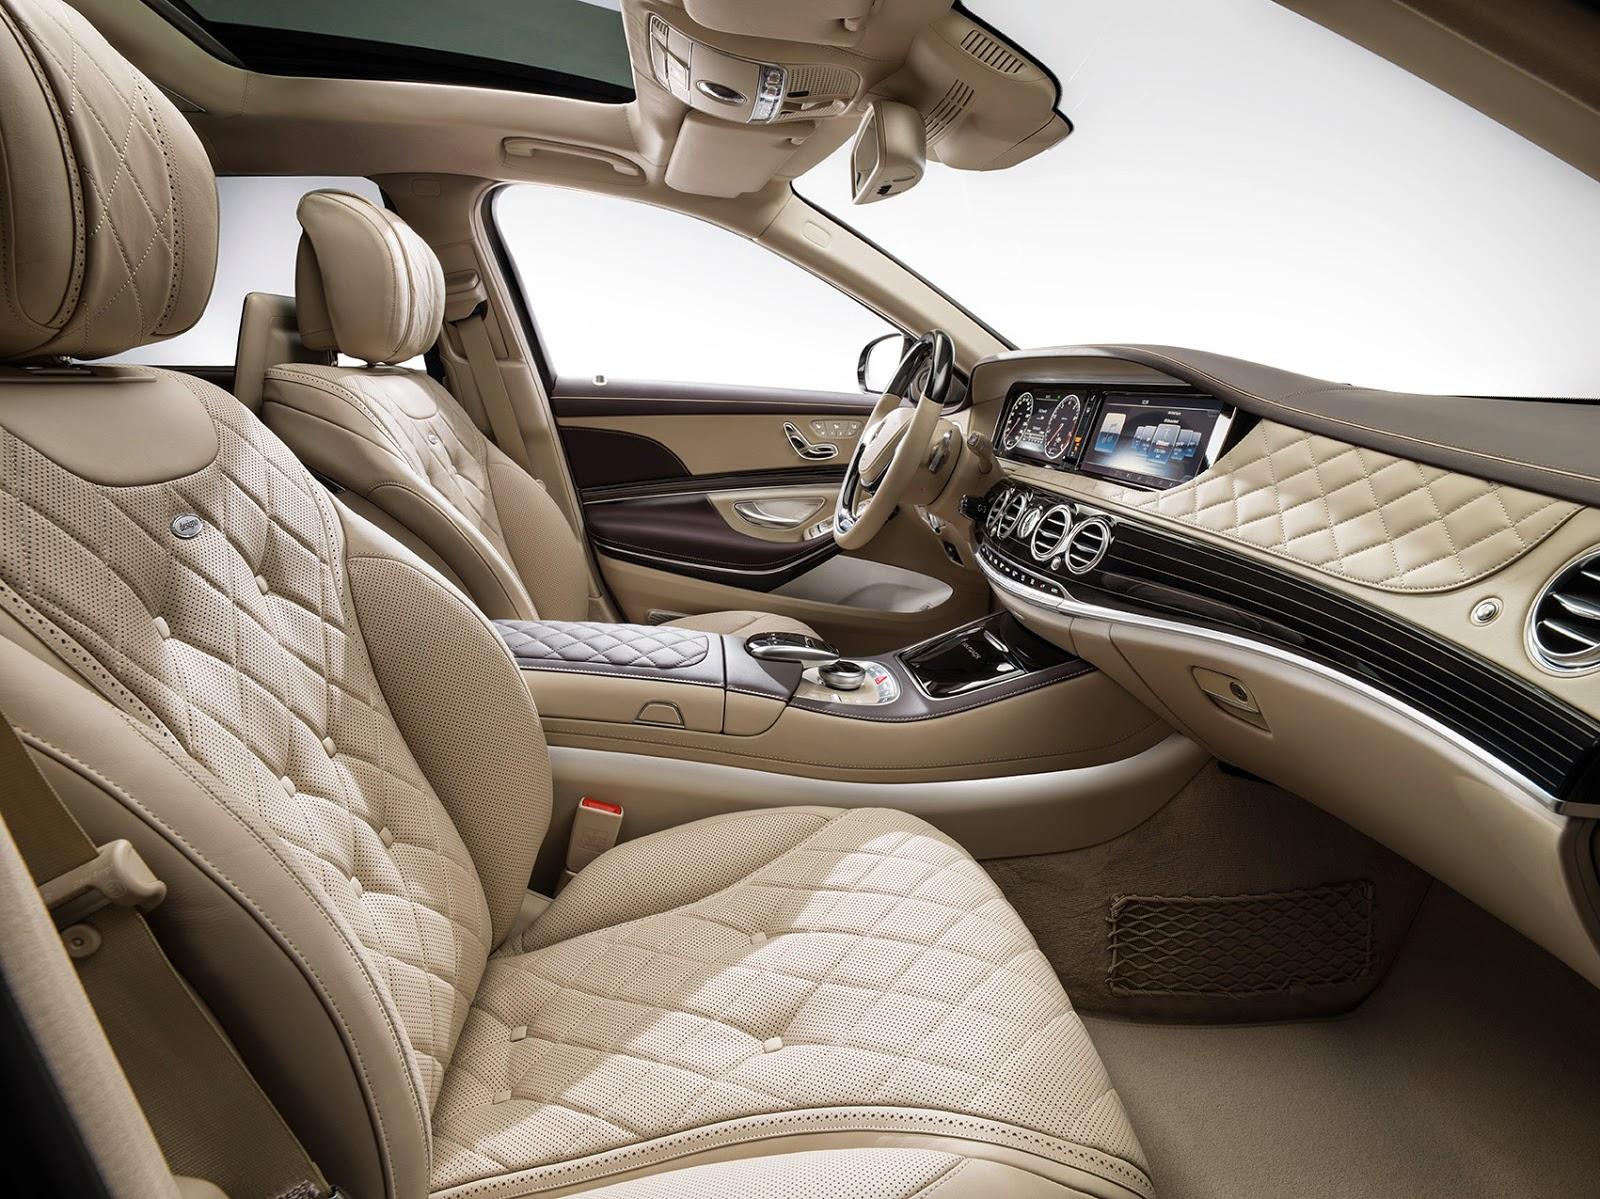 Mercedes benz mobile aspekte seite 2 for Mobile mercedes benz